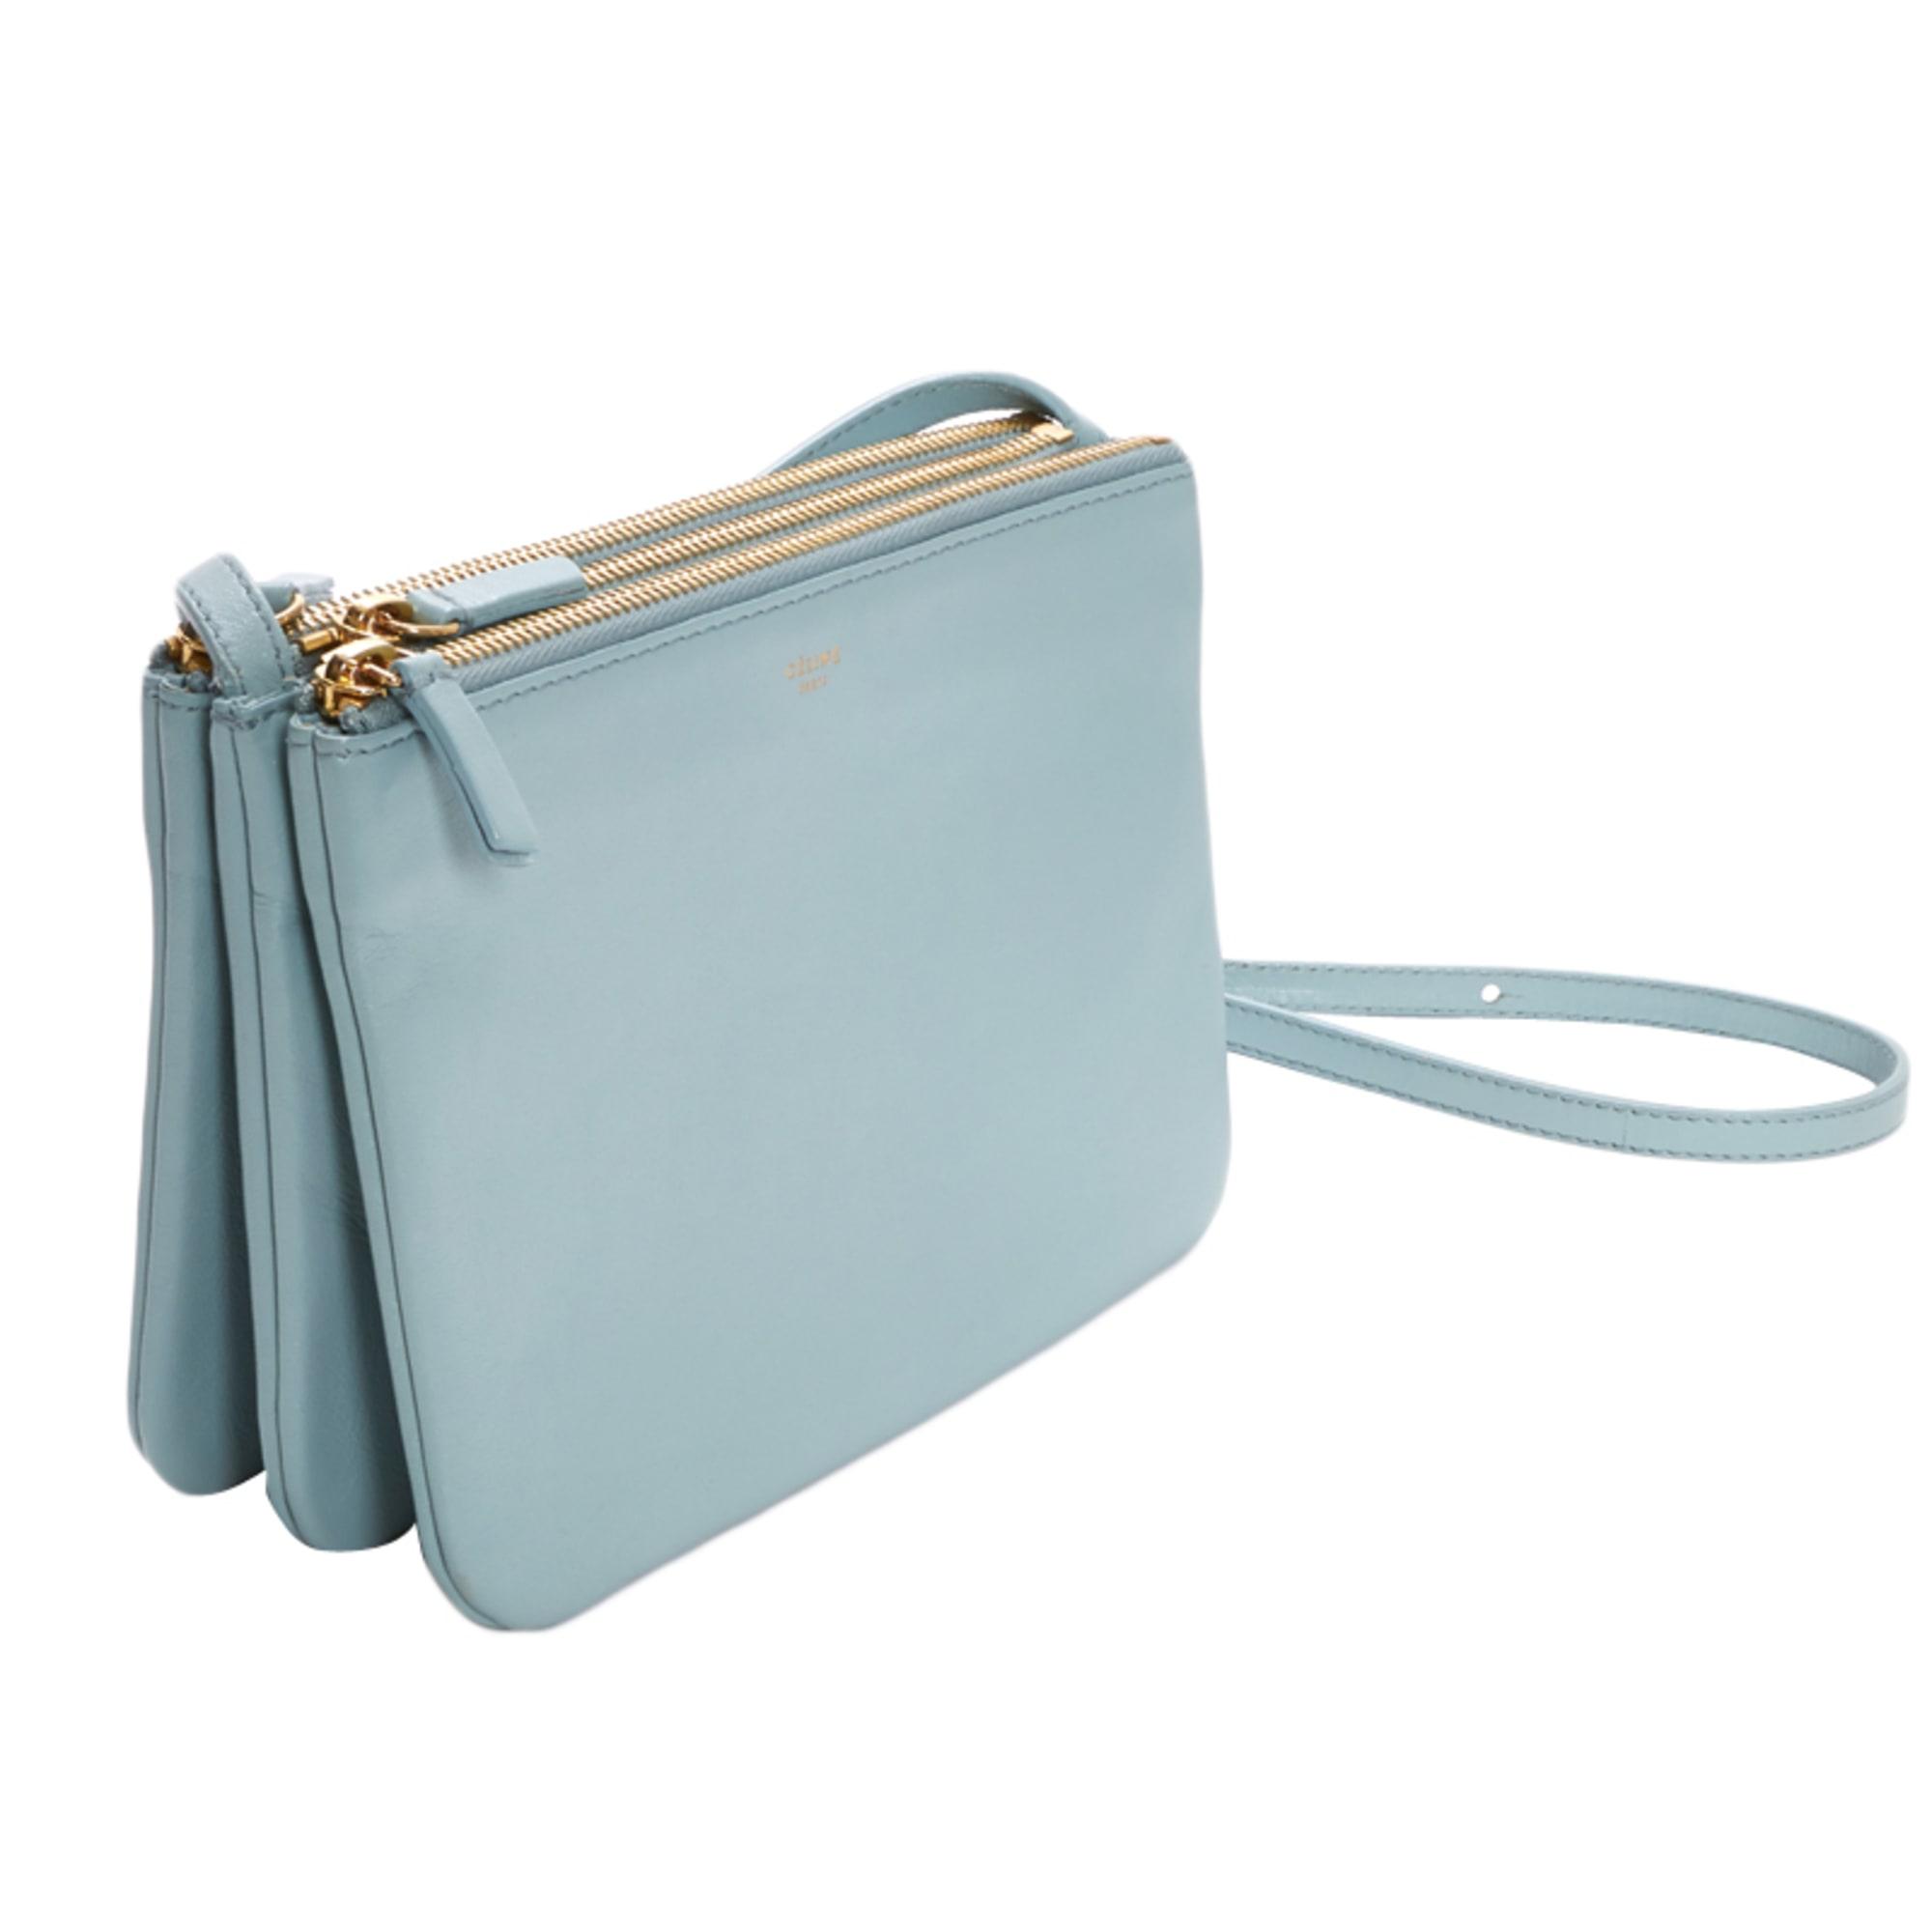 5a30c761ad Sac en bandoulière en cuir CÉLINE bleu vendu par Emma 2897885 - 2489913